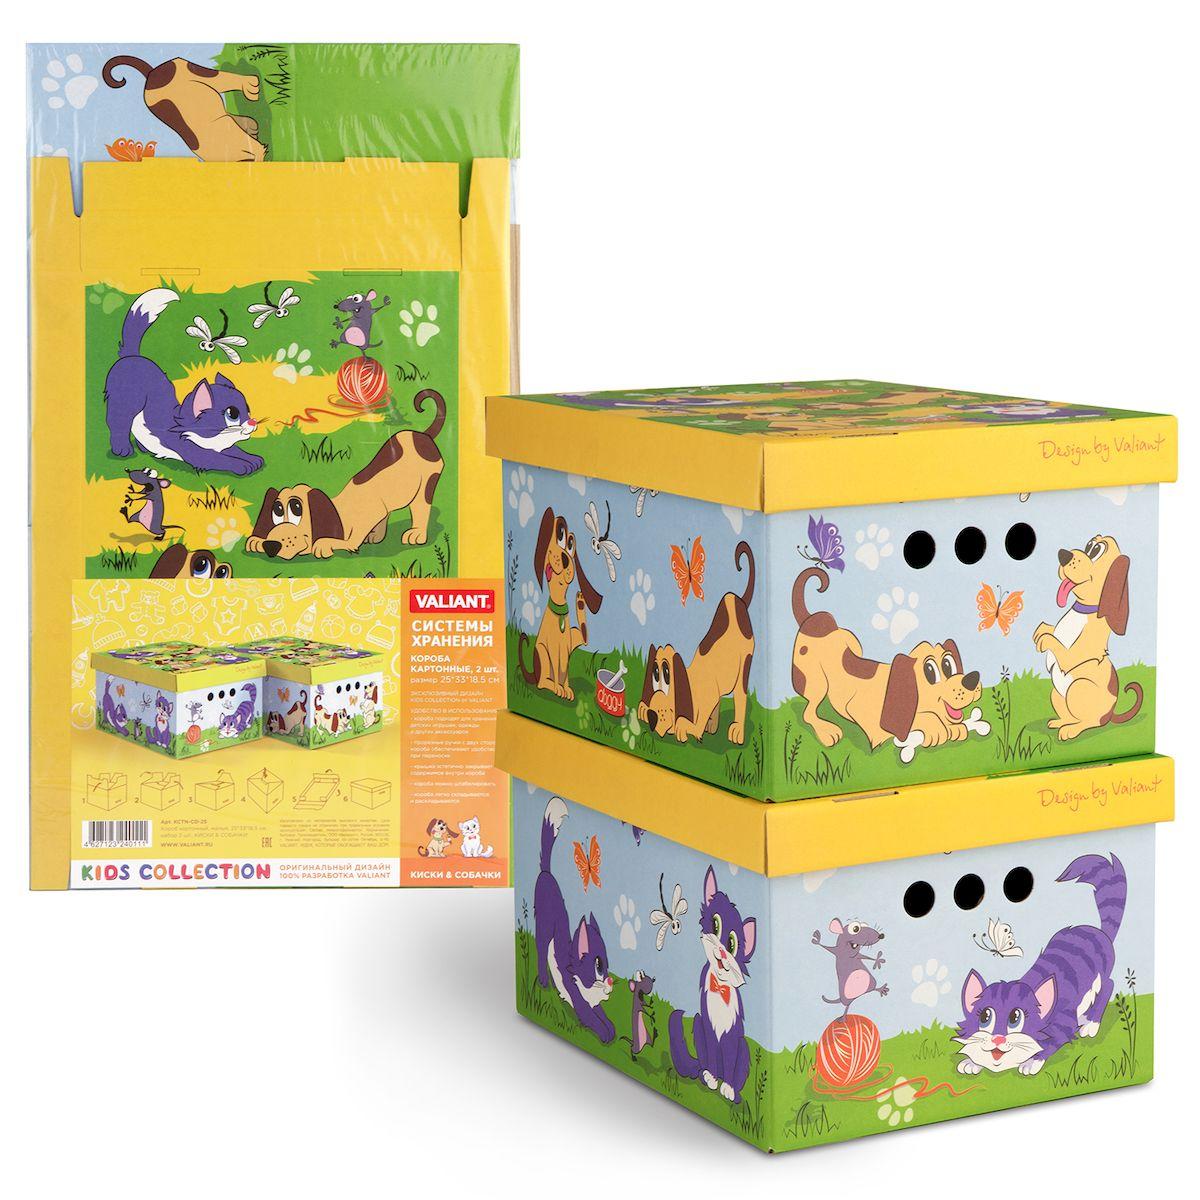 Короб для хранения Valiant Киски&Собачки, 25 х 33 х 18, 5 см, складной, 2 шт